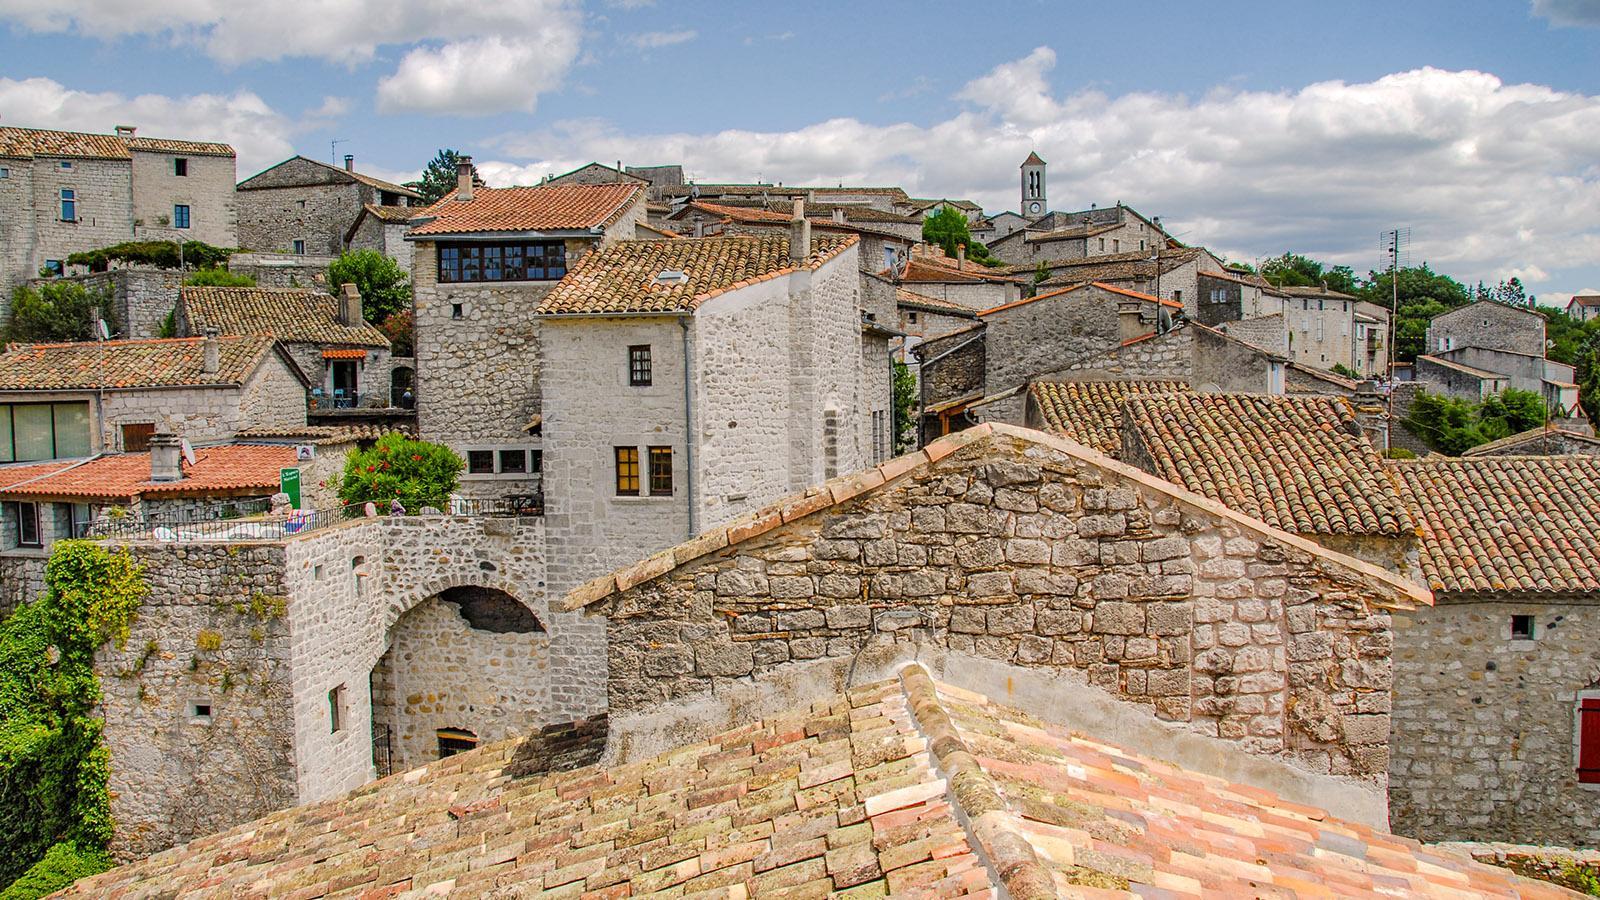 Balazuc ist ganz traditionell aus Feldsteinen erbaut. Foto: Hilke Maunder